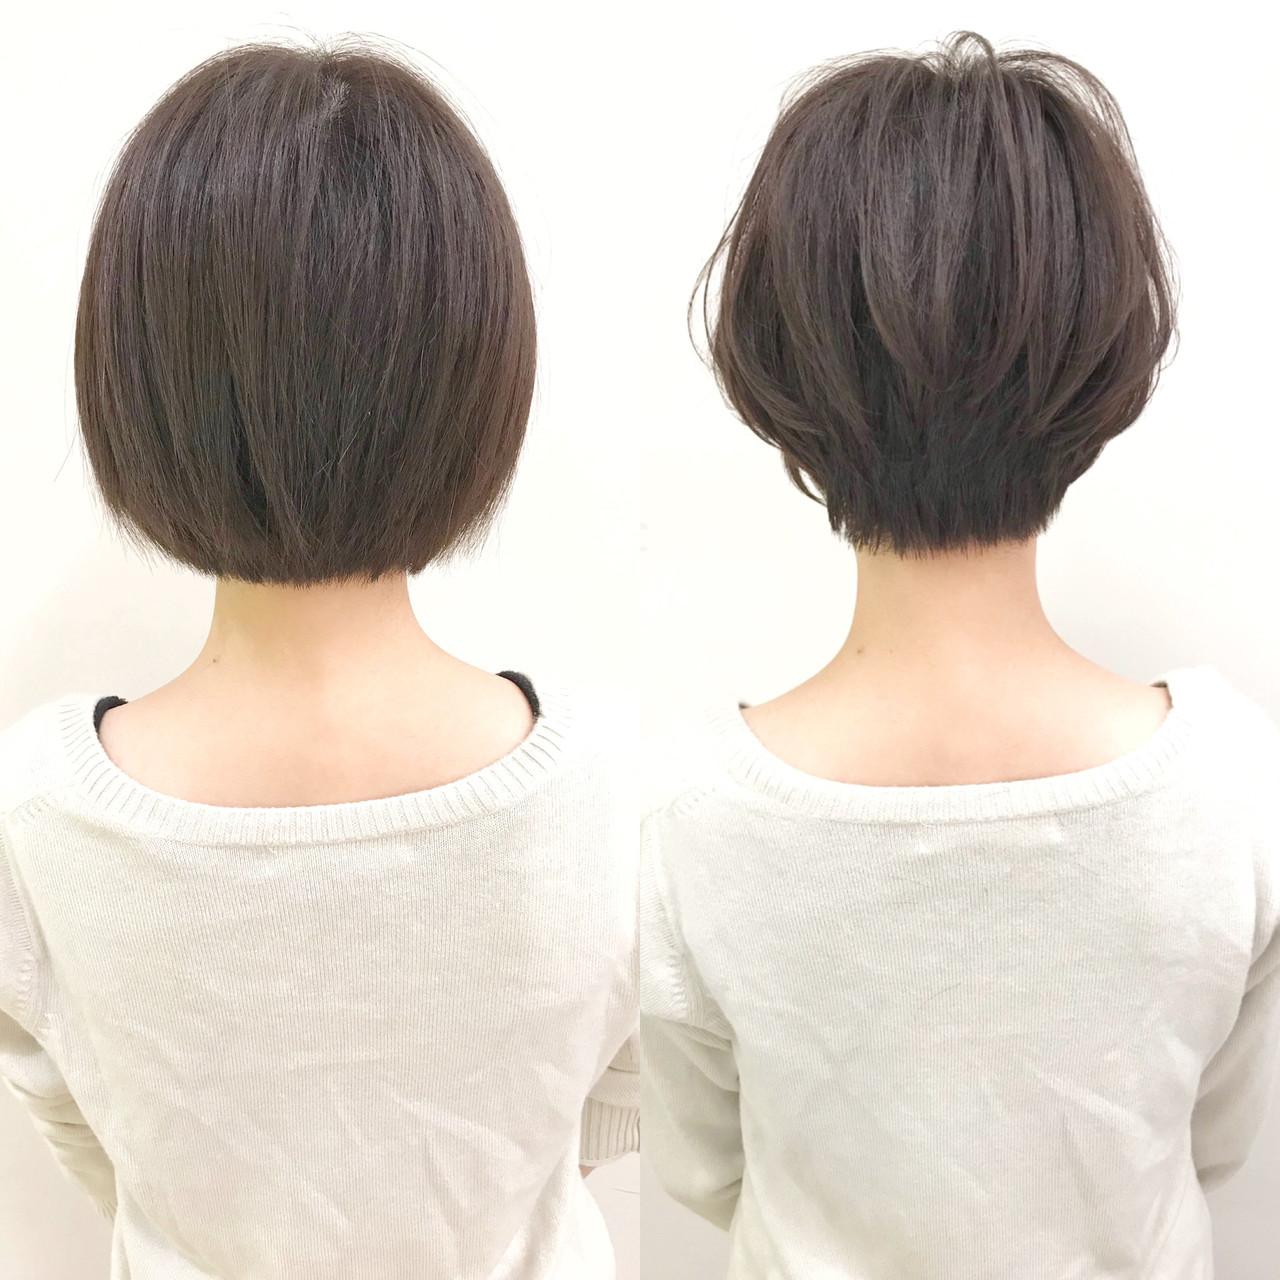 """『首を細く綺麗に見せる❗️前下がりショートヘア✂️』. . . . before(左) after(右) . 重たく硬く見えるワンレンボブスタイルを、スッキリ女性らしい柔らかいショートヘアにしました✨ . . . 『髪質・骨格』 . . 直毛多毛で全体的に重く見える状態でした? . . 特に下の方に重さが溜まっていて、野暮ったく見えます❗️ . . ' 『カット』 . . 女性らしいシルエットにする為に前下がりで丸みを出しました✂️ . . . 首元に余計な髪の毛がない事で首が細く綺麗に見えます? . . . これからの季節タートルネック等を着ても髪の毛が邪魔にならないです❗️ . . . 『スタイリング』 . 毛先をストレートアイロンで丸みをつけて、ボリュームUPワックスを髪の根元〜毛先に向かって揉み込めば完成? . . . 『まとめ』 . 直毛多毛でボブスタイルだと重たく野暮ったく見えやすい? . . そんな時は首元がスッキリ見える""""前下がりショートヘア""""がオススメです? . . . . ✅ショートヘアで失敗したくない. ✅スタイリングを簡単にしたい(まとまり良く、広がりにくい). ✅女性らしいショートヘアにしたい. ✅骨格をカバーしたい(絶壁、ハチ張り). ✅360度どこから見ても綺麗なシルエットが良い. ✅似合うショートヘアがわからない. ✅他のサロンでショートヘア失敗された. . 等という方は 『 #美容師ナカイヒロキ にお任せ下さい❗️』 . . . 『9割以上のお客様がショートヘア✂️』 . 僕の担当しているお客様の9割以上がショートヘア〜ボブスタイル? . . . 特に20〜30代の女性のお客様が多いです? . . . 初めてショートヘアにする方などは『絶対に失敗出来ないから!』と言って、わざわざ遠くから武蔵小杉まで来て頂く事も多いです? . . . 最近はインスタを、見てご来店される方がとても増えてます❗️ . . . そんな状況を本当に嬉しく思っていて、期待に応えられる様に1人ひとりと真剣に向き合ってカットしてます✂️ . . . 僕の作ったショートヘアはこちらをご覧下さい 【 #中井ショート 】 . . . . 【美容師歴7年】. . 同世代では1番早い、1年8ヶ月でスタイリストデビュー後、ショートヘアに特化してきました✂️ . . . ショートヘアに拘りを持ち続けた結果、新規指名数&ショートヘアのオーダー率は全店No.1❗️ . . . 360度どこから見ても、丸みのある綺麗なショートヘアが得意です✨ . . . ショートヘアは正面だけではなく、サイドや後ろ姿も大切だと思います❗️ . . . . 『✂️実績✂️』 . 『TOKYO BEAUTY CONGRESS 2015』 審査員賞. 『TOKYO BEAUTY CONGRESS 2015』 ジャーナル賞. 『TOKYO BEAUTY CONGRESS 2016』準グランプリ. 『TOKYO BEAUTY CONGRESS 2016』 審査員賞. 『HAIR COLOR LIVE CONTEST 2017』 優秀賞. 『 hoyu×ar カラコレ'16 ar賞』. 『 hoyu×ar カラコレ'17 いいね賞』 . その他、社内外で多数受賞❗️ . . . . 『✨お客様の声✨』 . •いつもヘアスタイル参考にさせていただいてます!この前は少し凹むことがあり美容室行ったのですが、髪を切ったらすっごく元気が出ました^_^ 中井さんに切ってもらって本当に良かった!とお会いした際にお礼を言えば良かったなと思い、突然すみません! 今度はショートにしたいなーと。またよろしくお願いします!(20代女性) . . . •今回はありがとうございました! 心機一転、そしてイメチェンすることができました! そしてまとまりやすく、朝のセットも楽チンです^ ^ また伸びて来た頃に伺います! ありがとうございました。(20代女性) . . . . . 『✨ご予約方法はこちら✨』. . 『?WEB予約の場合?』. プロフィールのURLから24時間好きな時にWEB予約が出来ます?. . ホットペッパー等には掲載していないので、WEB予約は公式HPからのみ可能です? . . . 『☎️電話予約の場合☎️』. プロフィール欄の""""電話する""""ボタンを押して頂くか、☎︎044-863-9808までお願い致します✨ . 予約専門のレセプションがご対応させて頂きます?♀️ ※WEB予約が埋まっている場合でも、電話をして頂ければ予約が取れる事があります。 . . . カット6600円. . カラー(一色染め)9100円〜. . カラー(ハイライト)6100円〜. ※カラーはヘアカラー専門のカラー"""